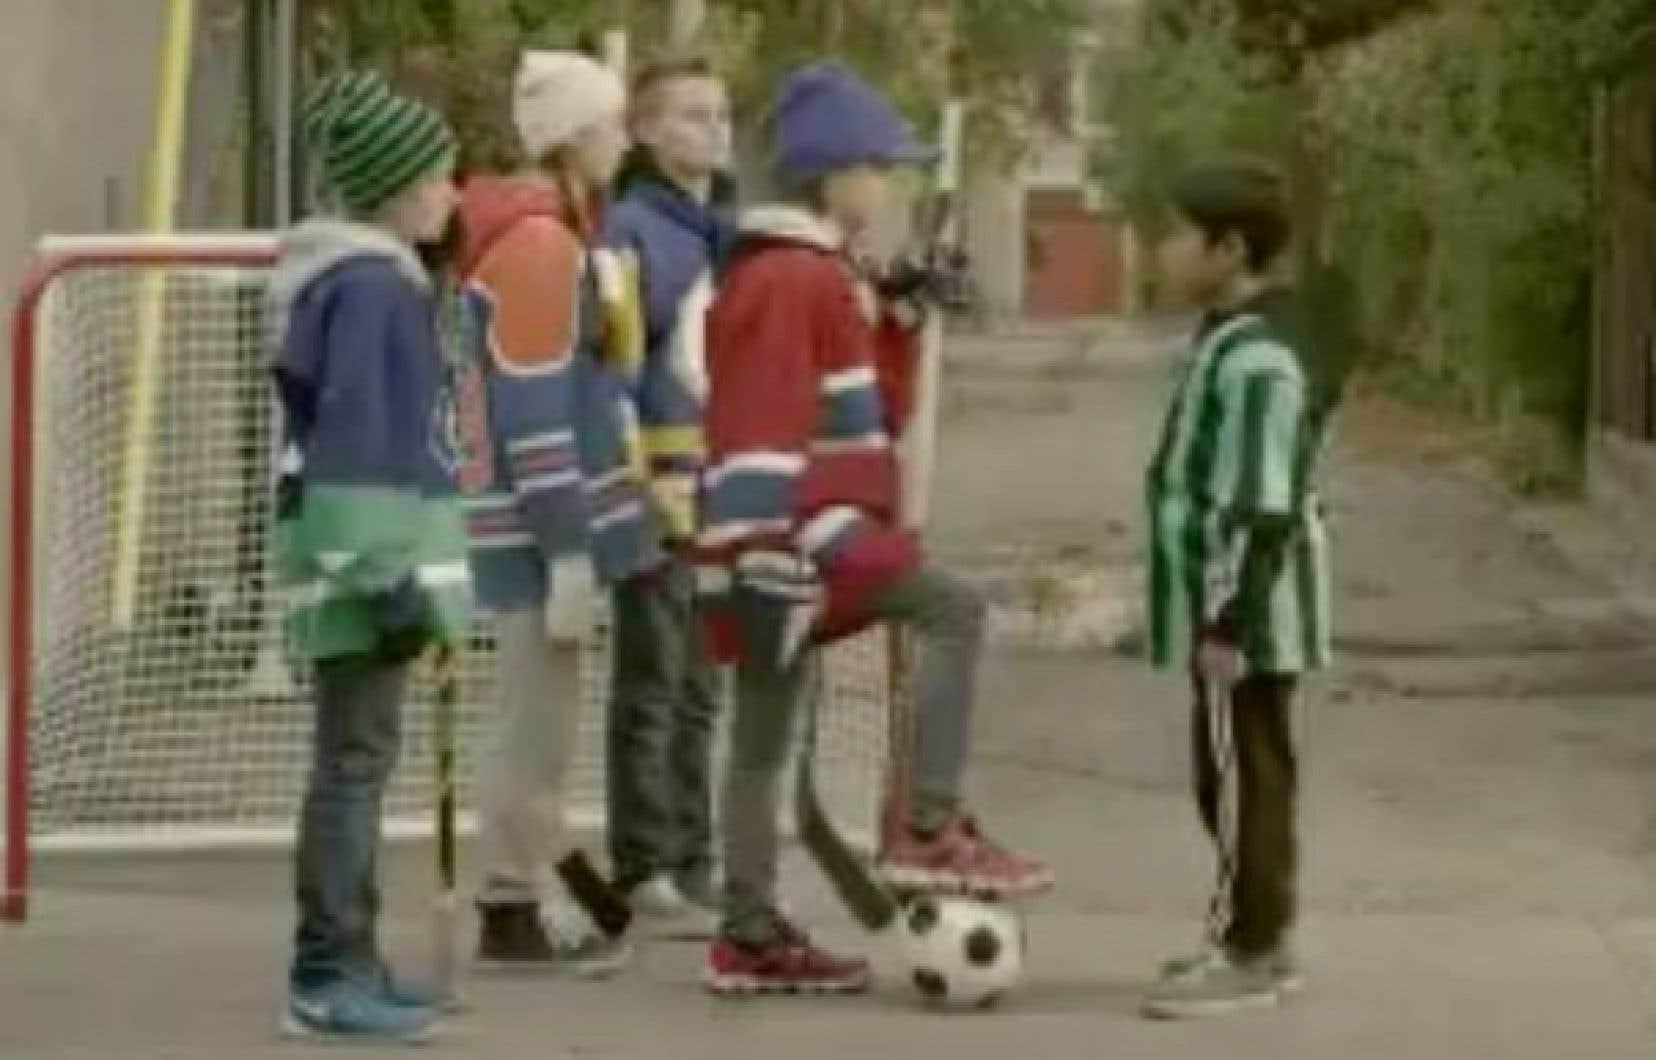 La courte vidéo de 15 secondes montre un jeune joueur de soccer au teint basané qui se fait aborder par une bande de hockeyeurs de ruelle à l'air menaçant.